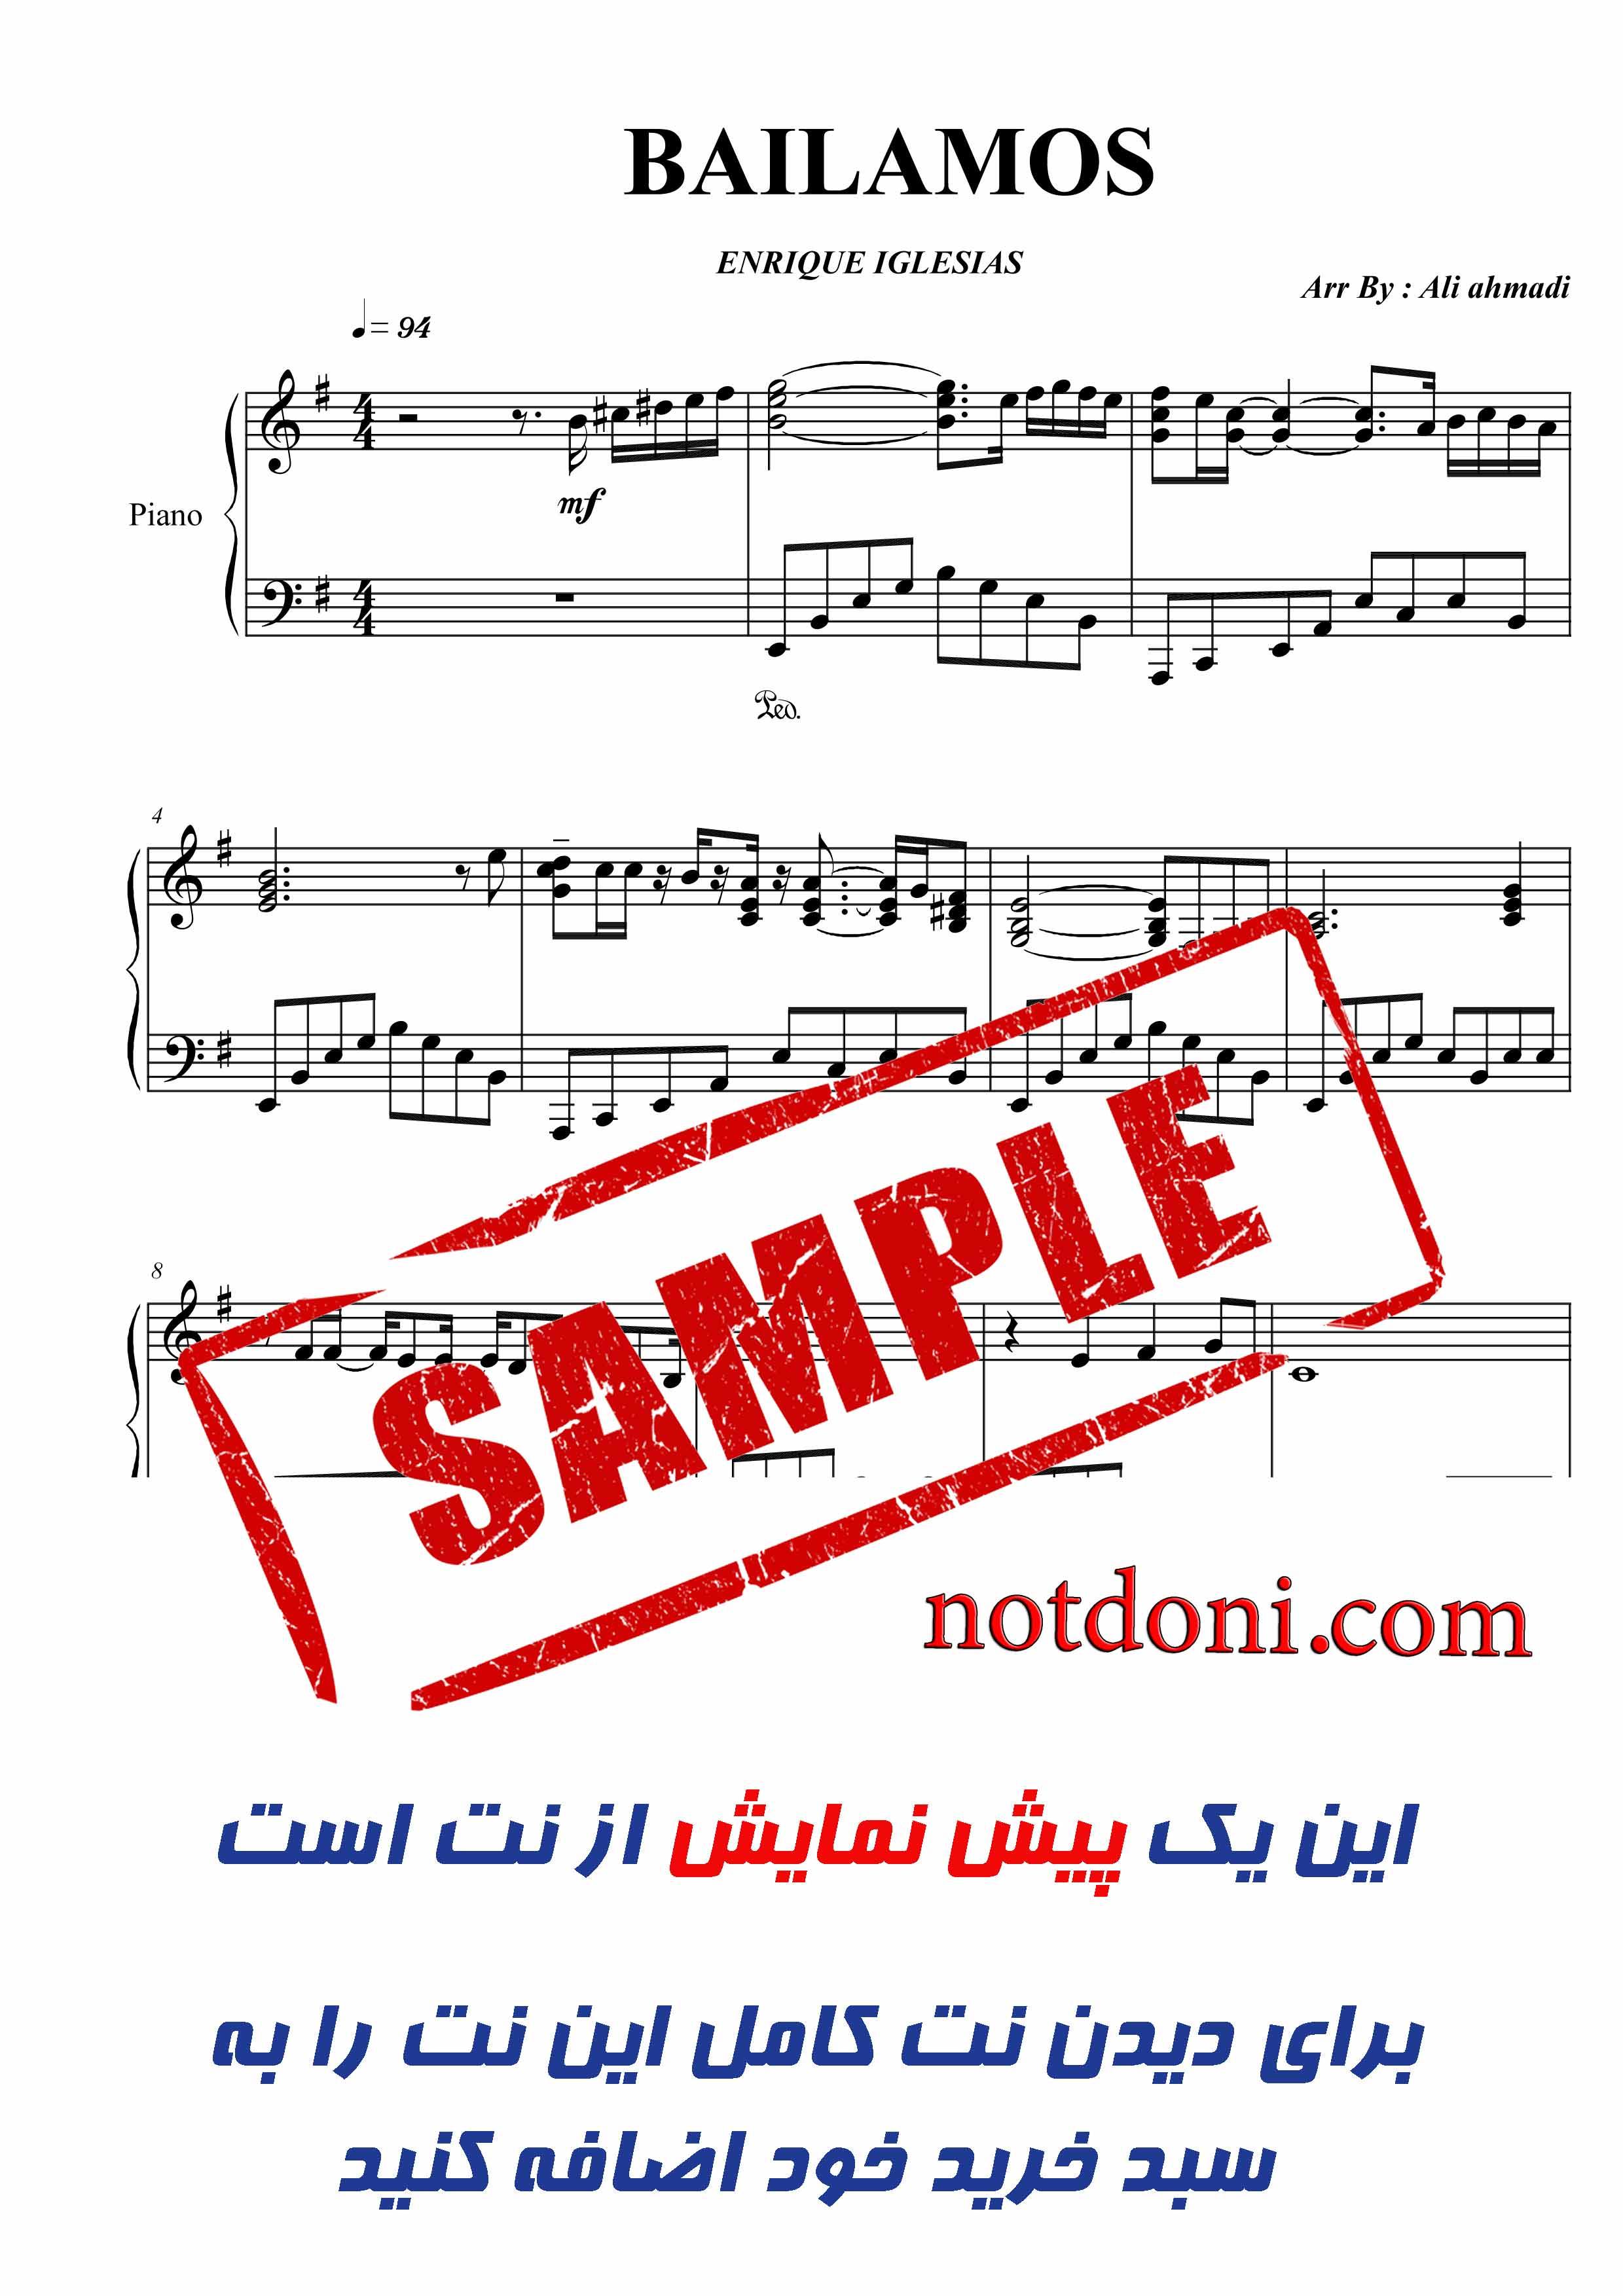 bda13a01-4aa9-49ff-925f-57f220cfa021_ddemo.jpg